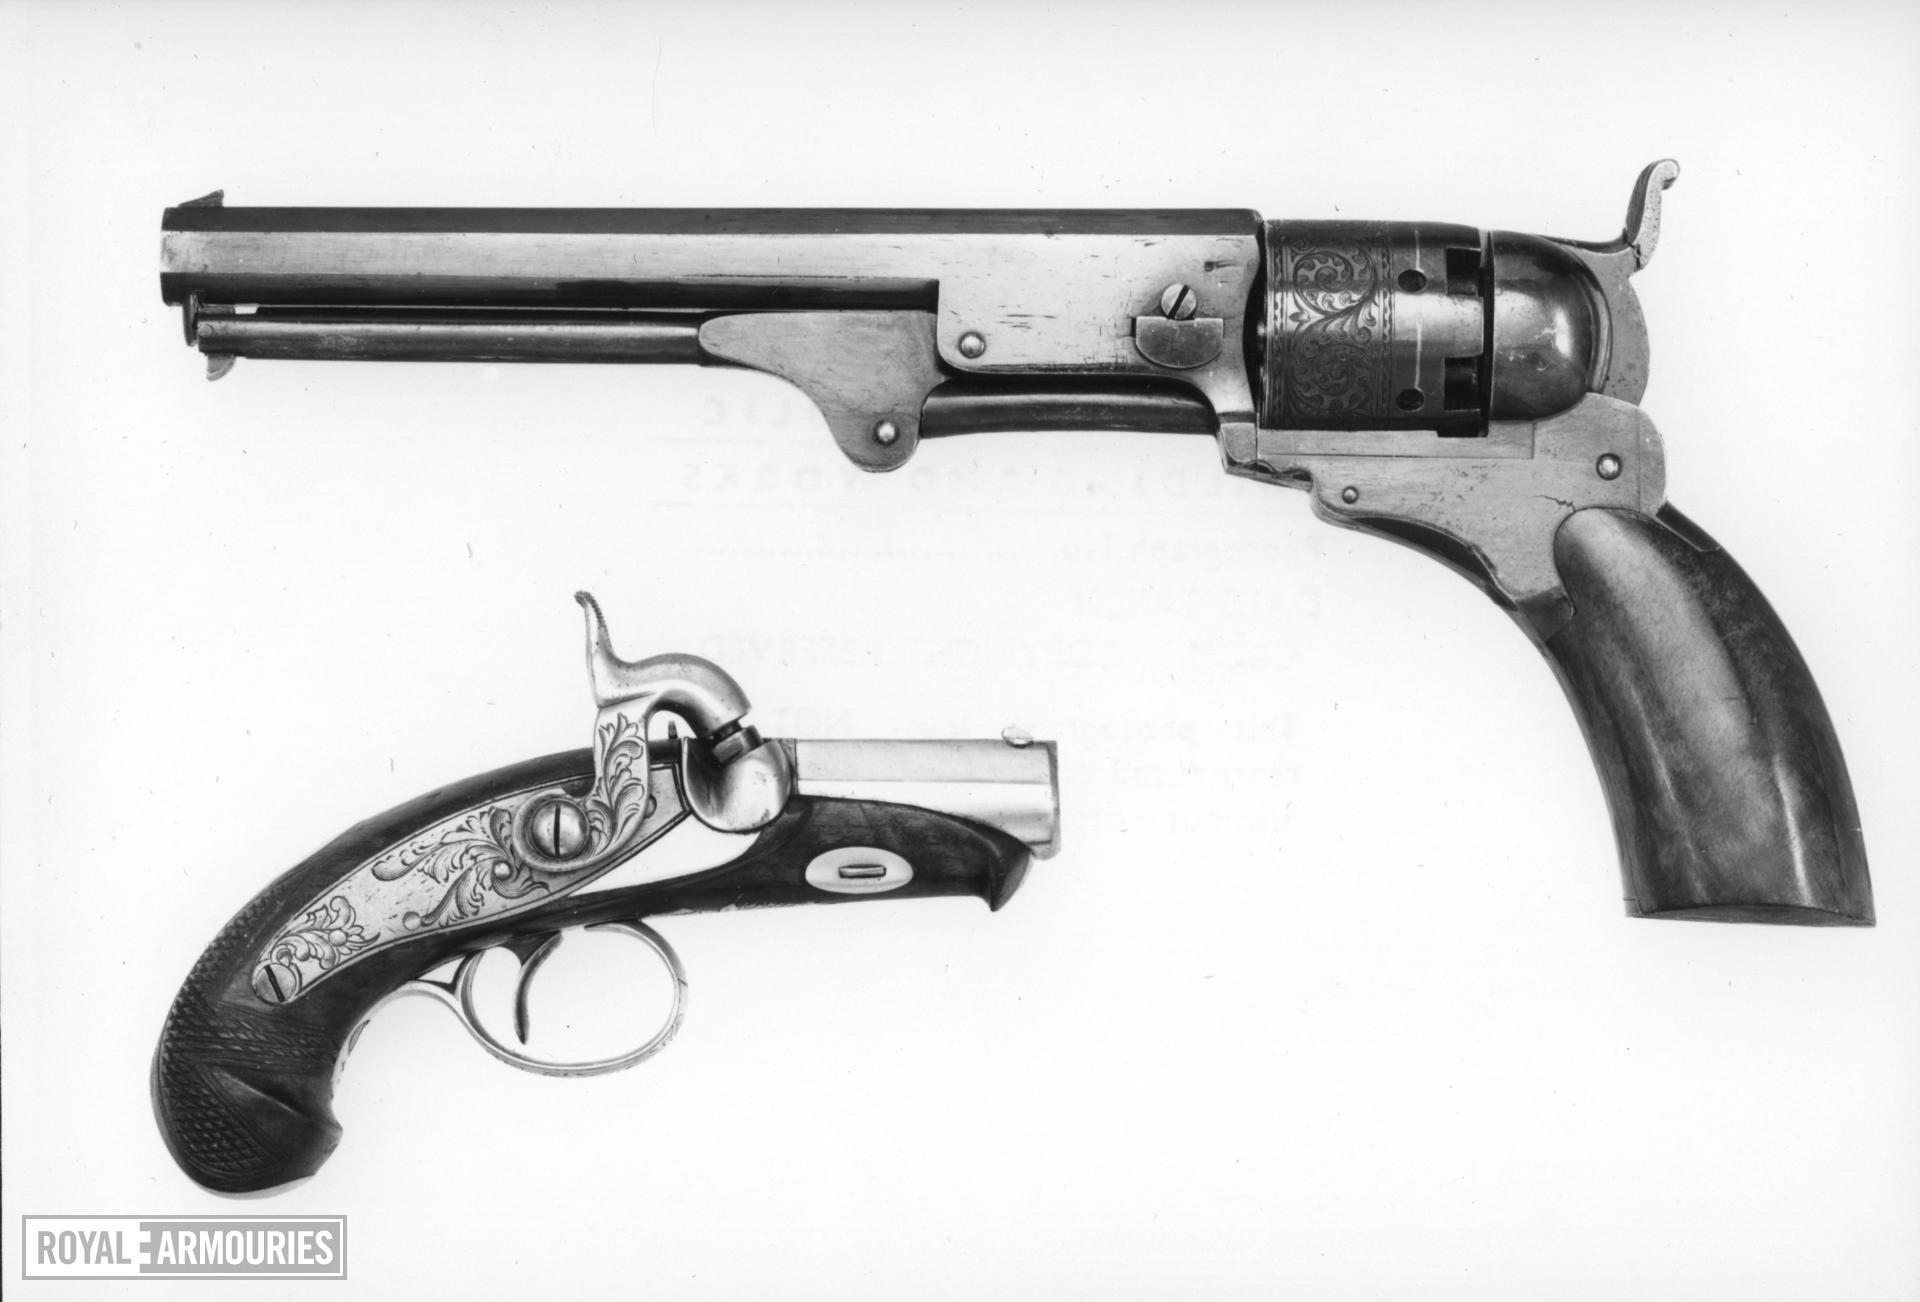 Percussion five-shot revolver - Paterson Texas type A copy of the Colt Paterson revolver